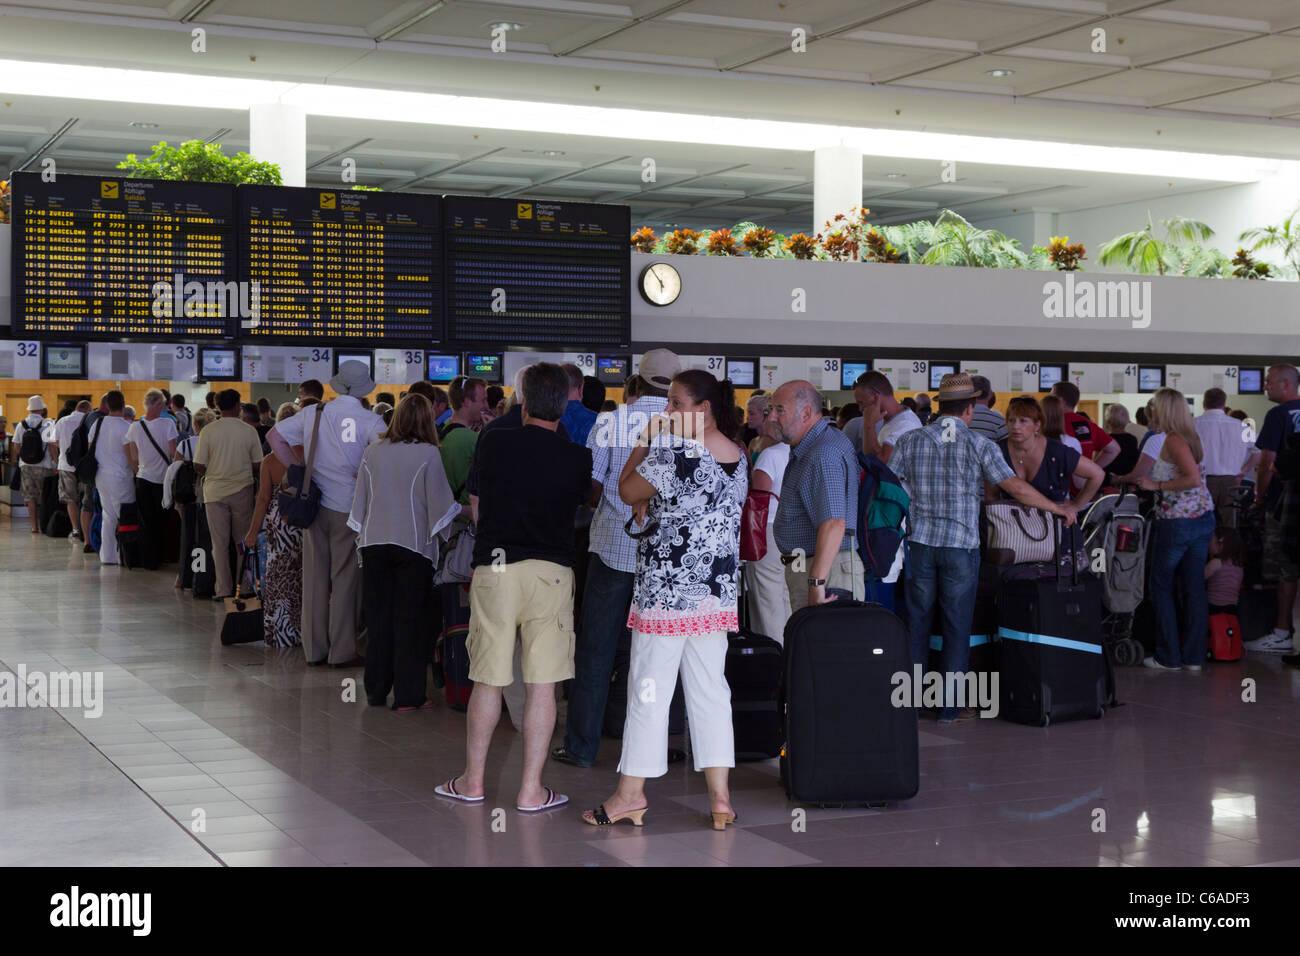 Thompson Airlines - Flughafen Lanzarote - Kanarische Inseln - Spanien Stockbild